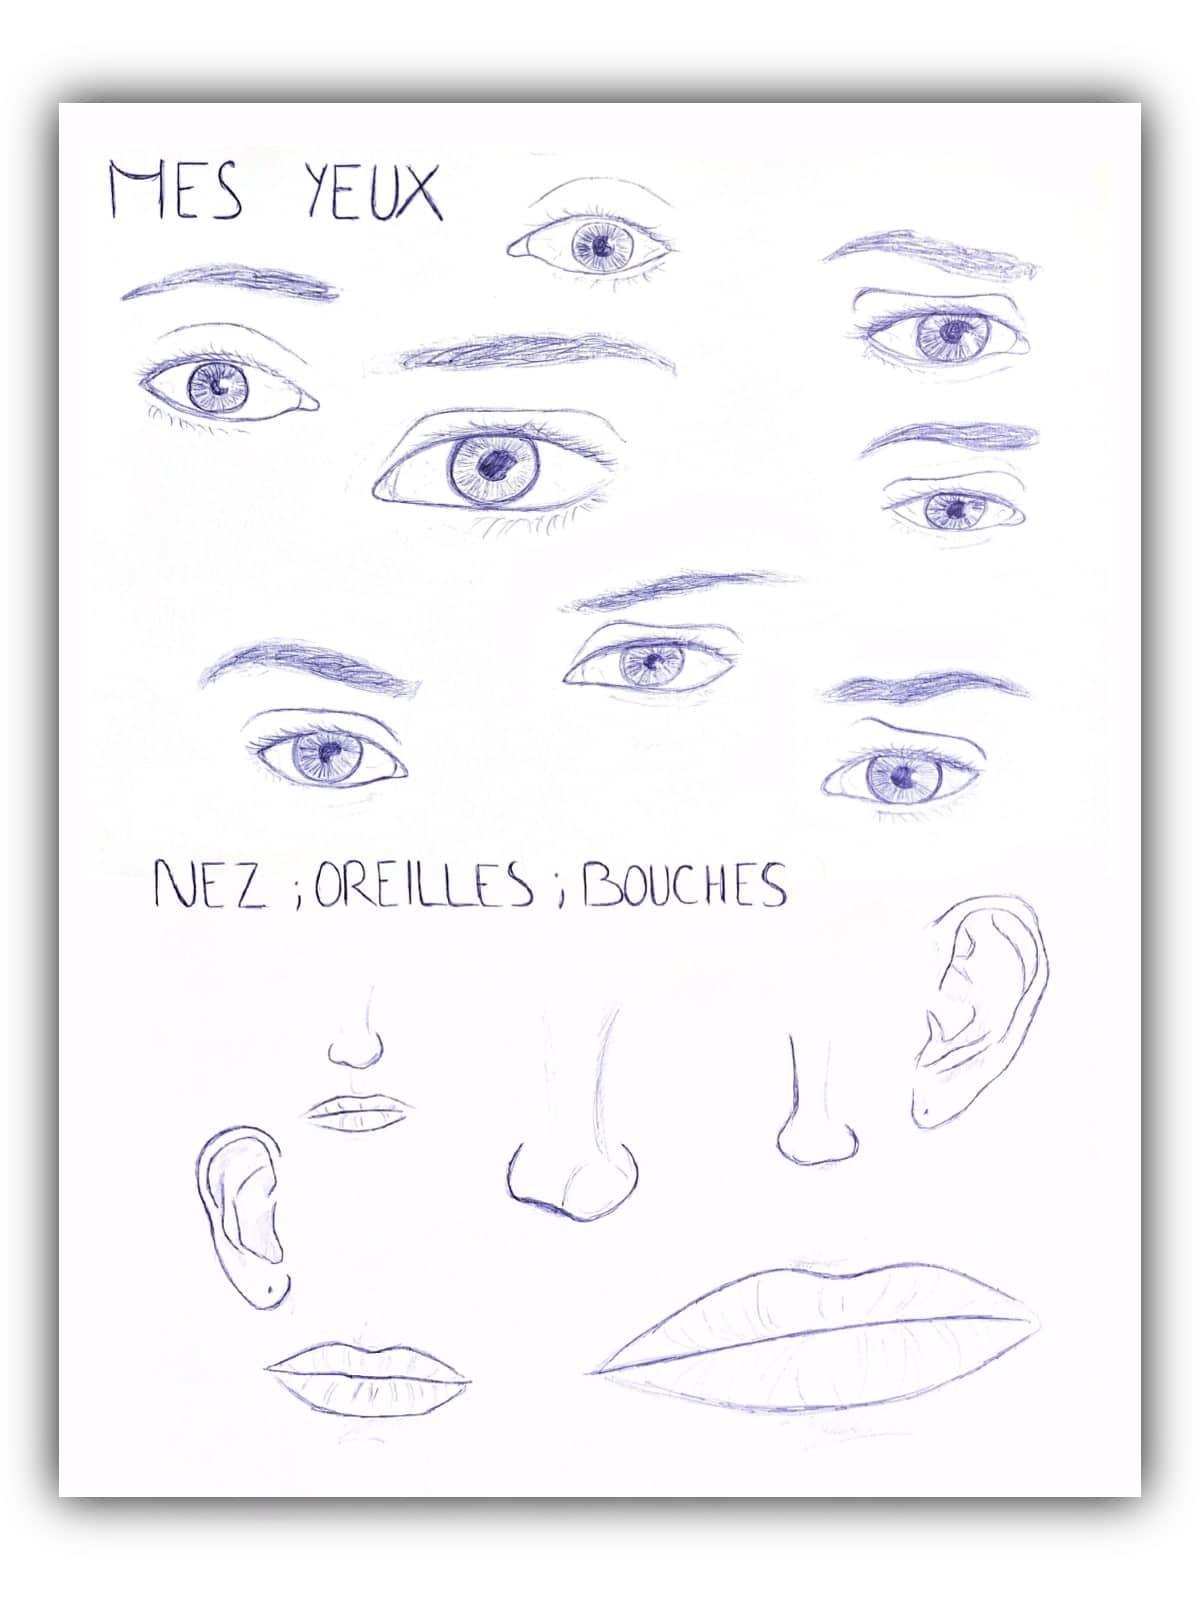 détails_visage_Ghjulia_Maria_Torti_supdesign_2020-min